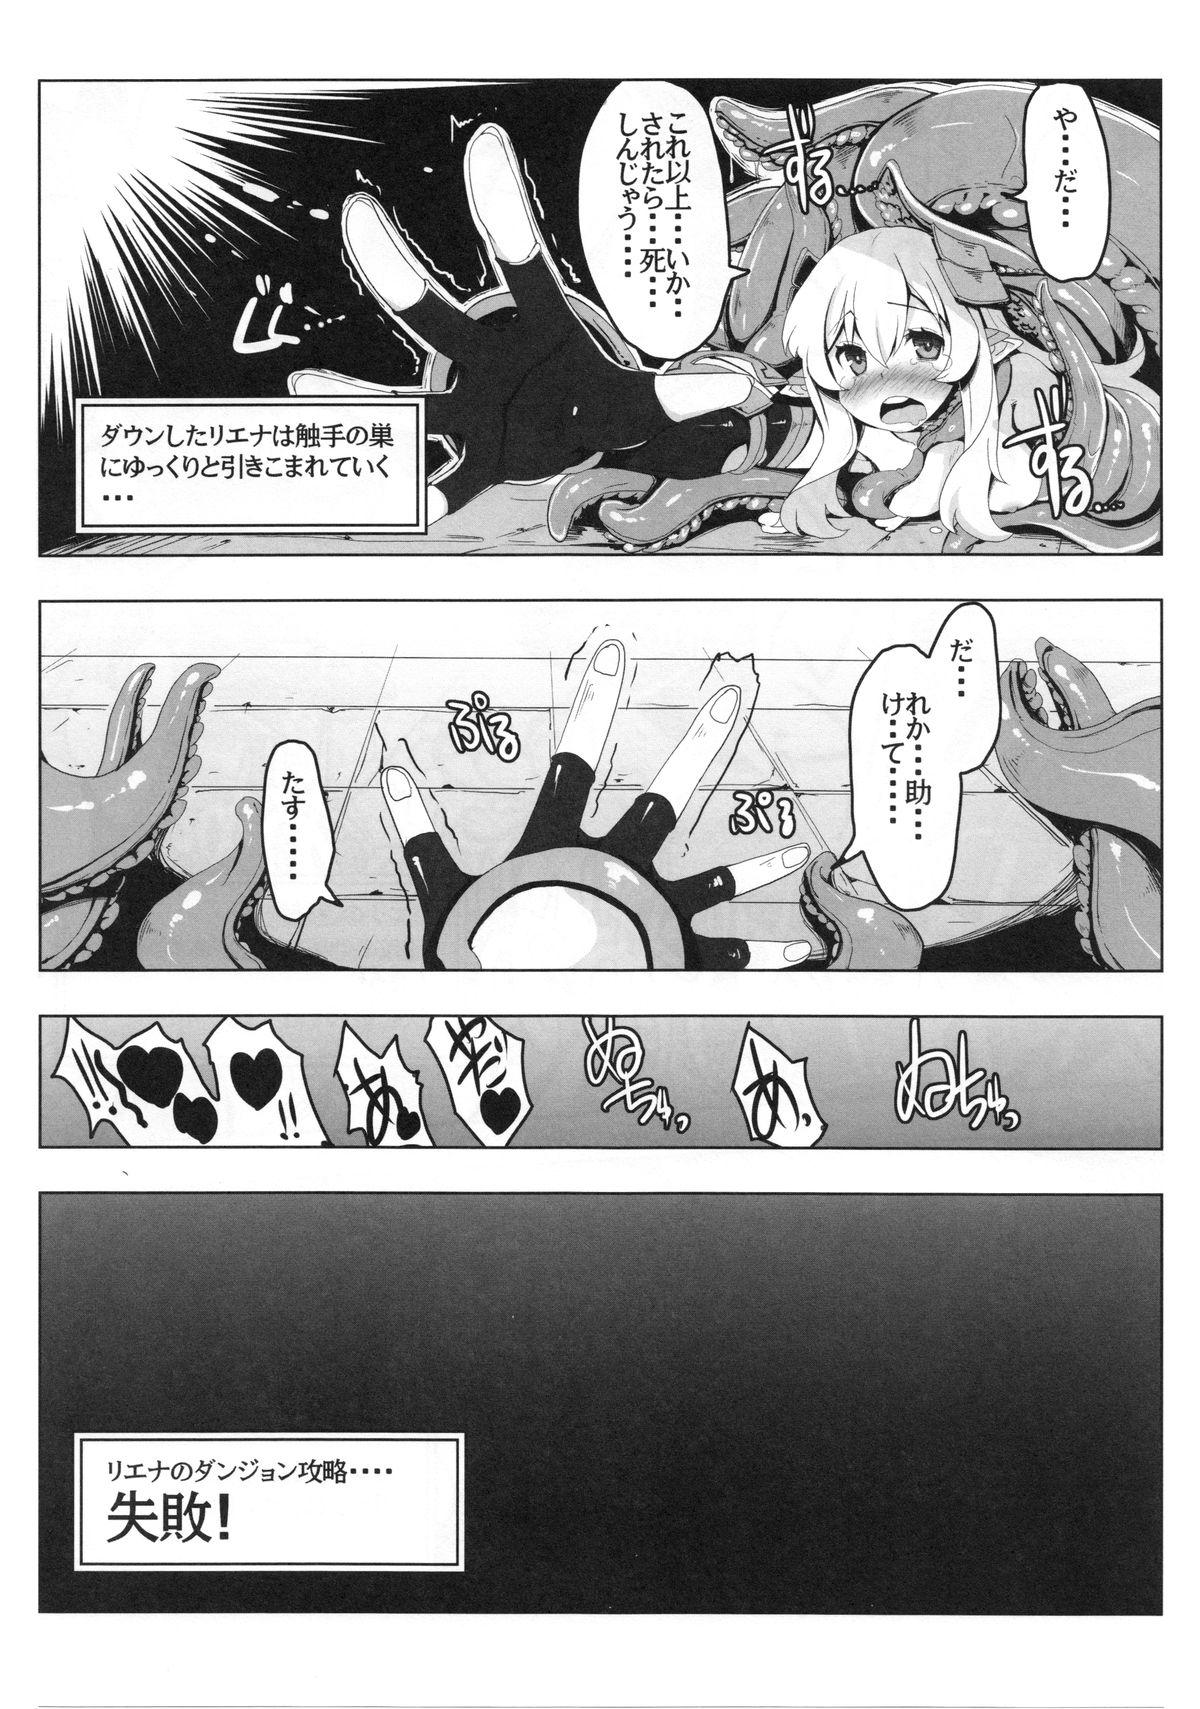 【エロ漫画・エロ同人】ちっぱいロリエルフがダンジョンに入って触手に襲われまくりw触手の巣に落ちたらマンコつかれまくりでHP0になっちゃったwww (20)